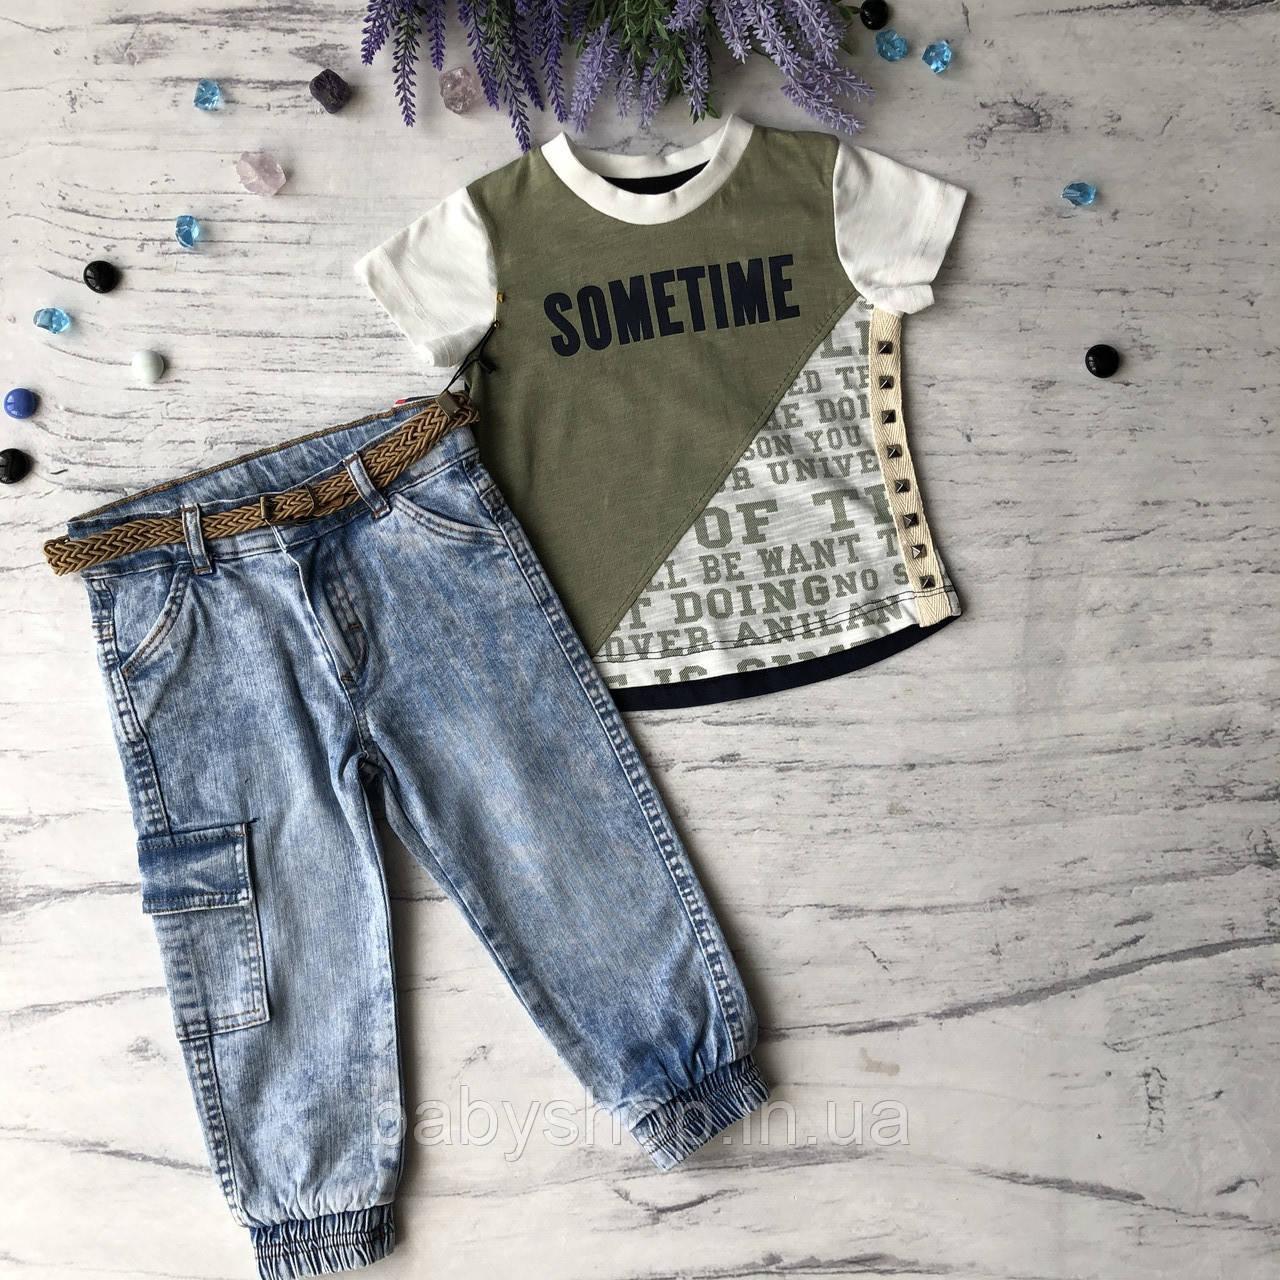 Летний джинсовый костюм на мальчика 21. Размер  1 год (86 см), 2 года, 3 года, 4 года